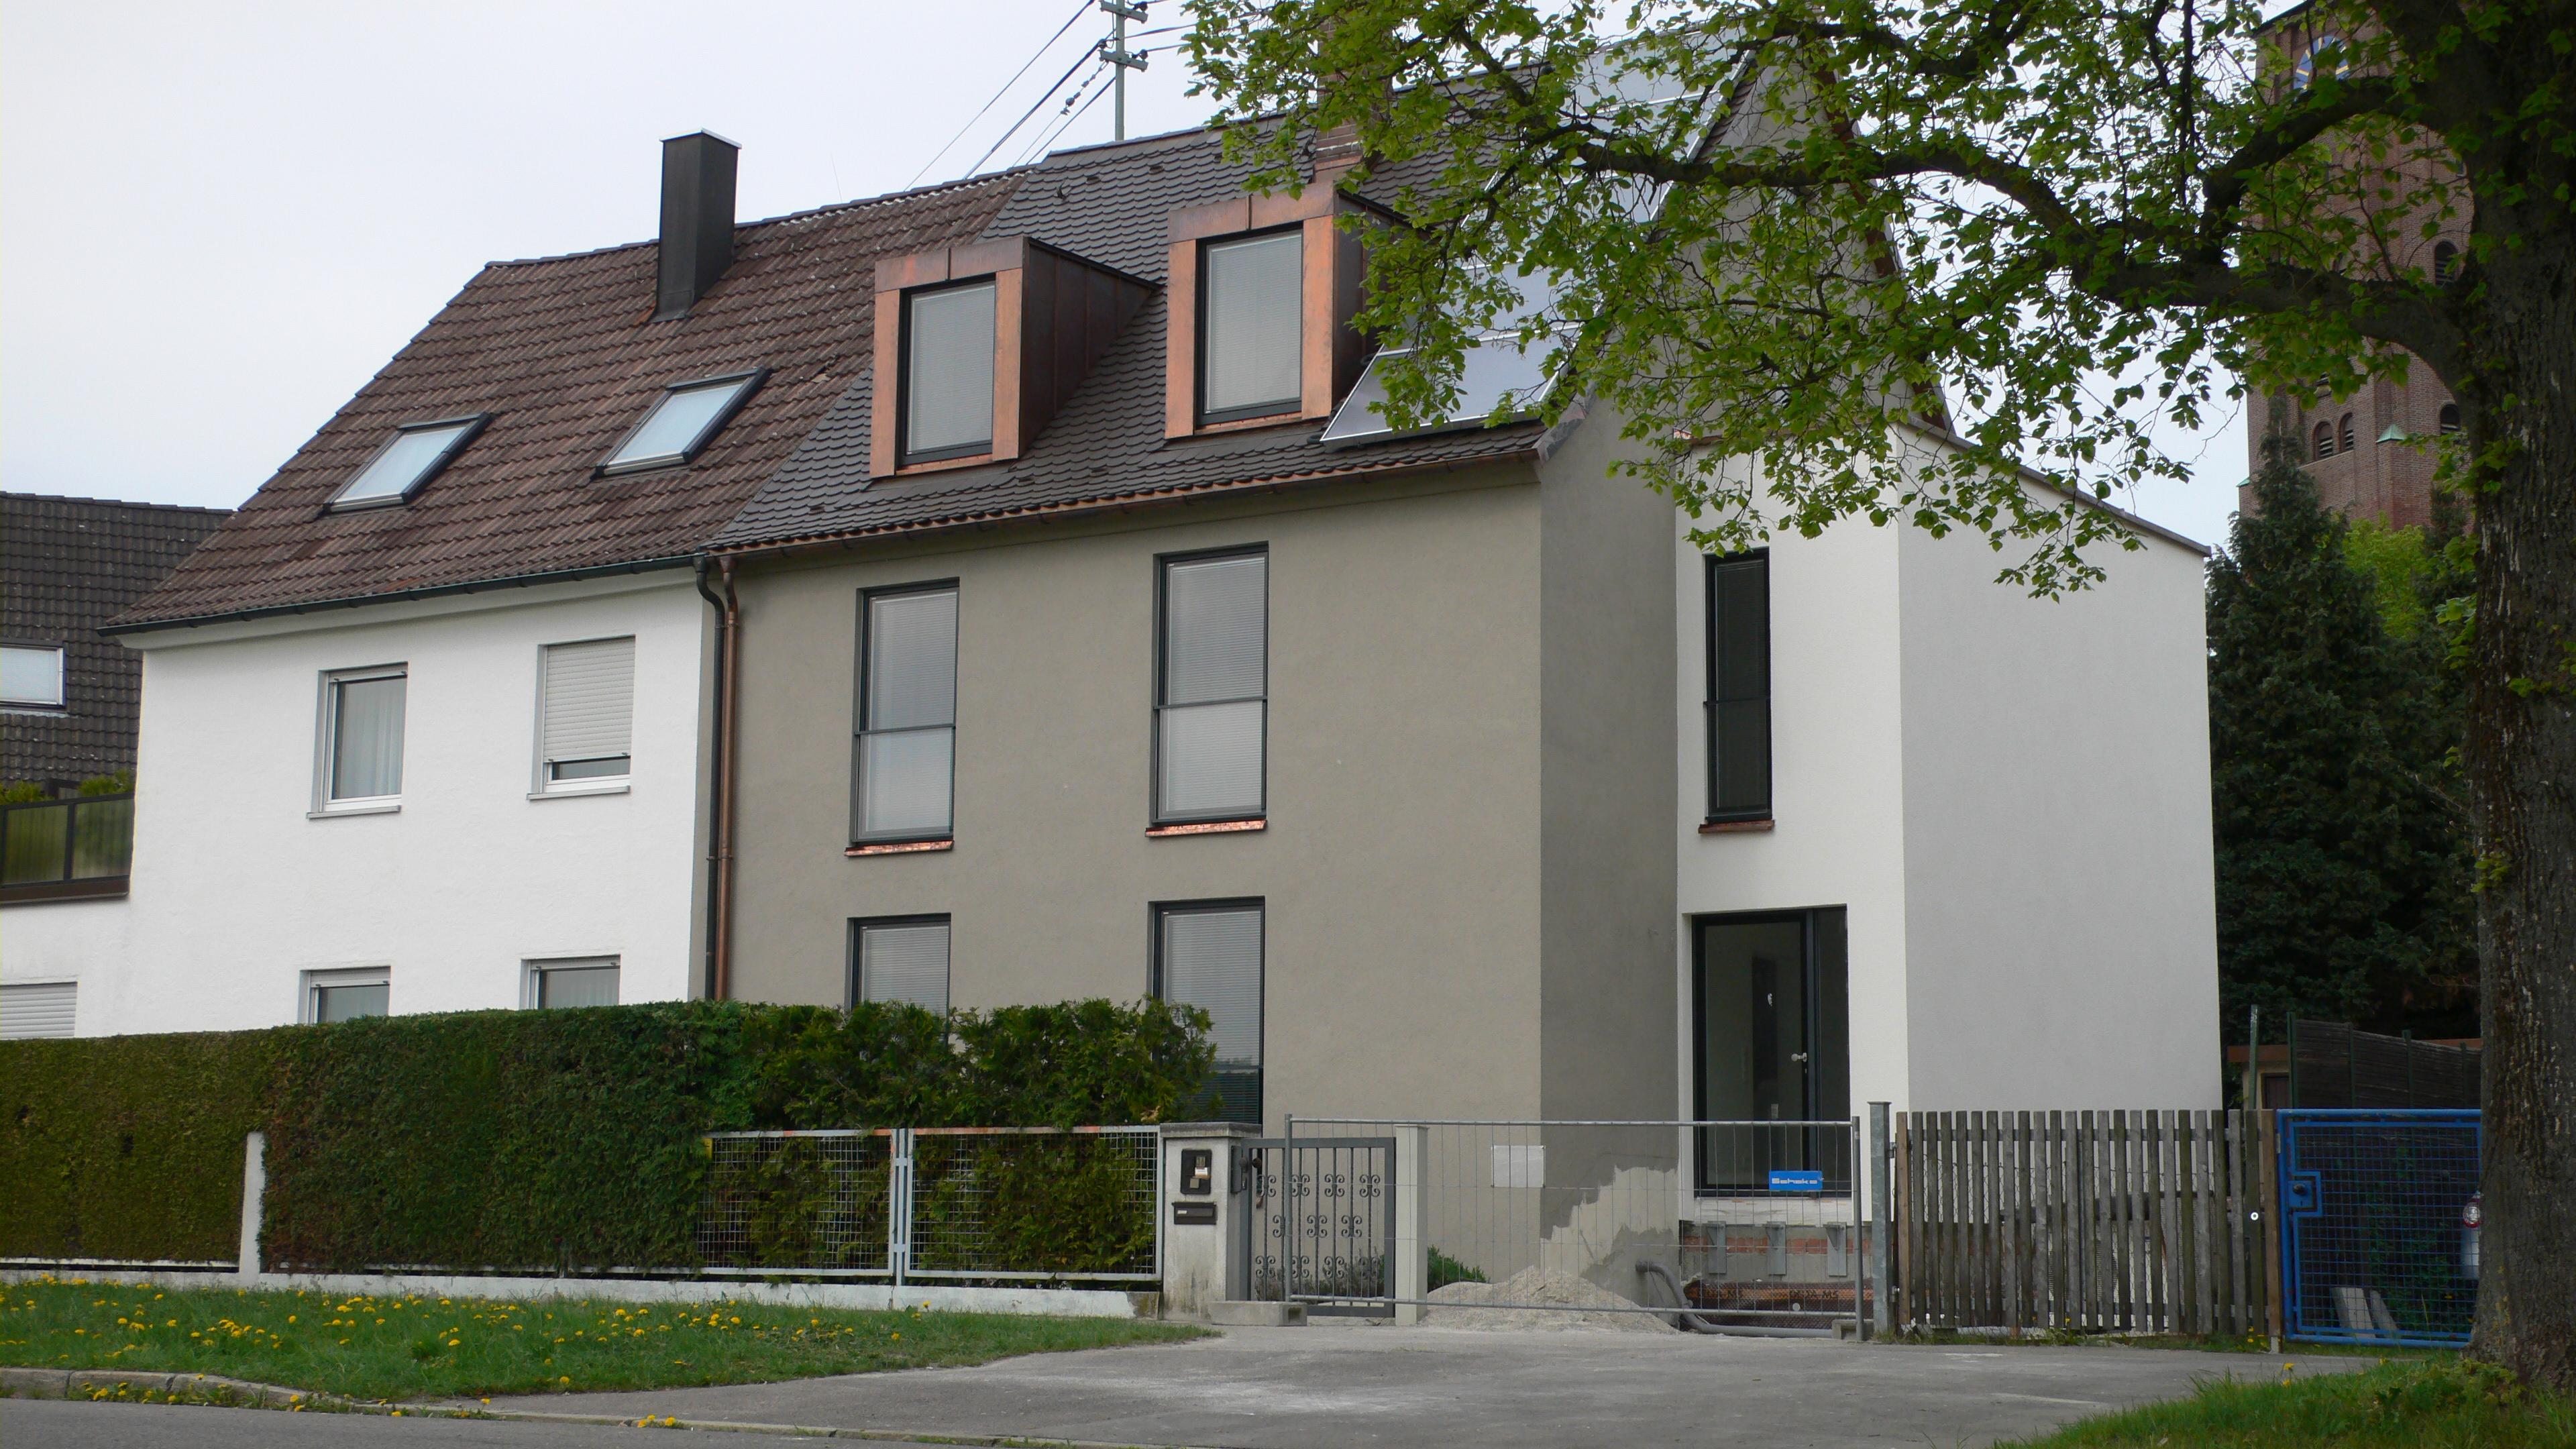 Doppelhaushälfte Sanieren nachhaltigkeit: wohlig warme vorstadt. umbau und kernsanierung einer